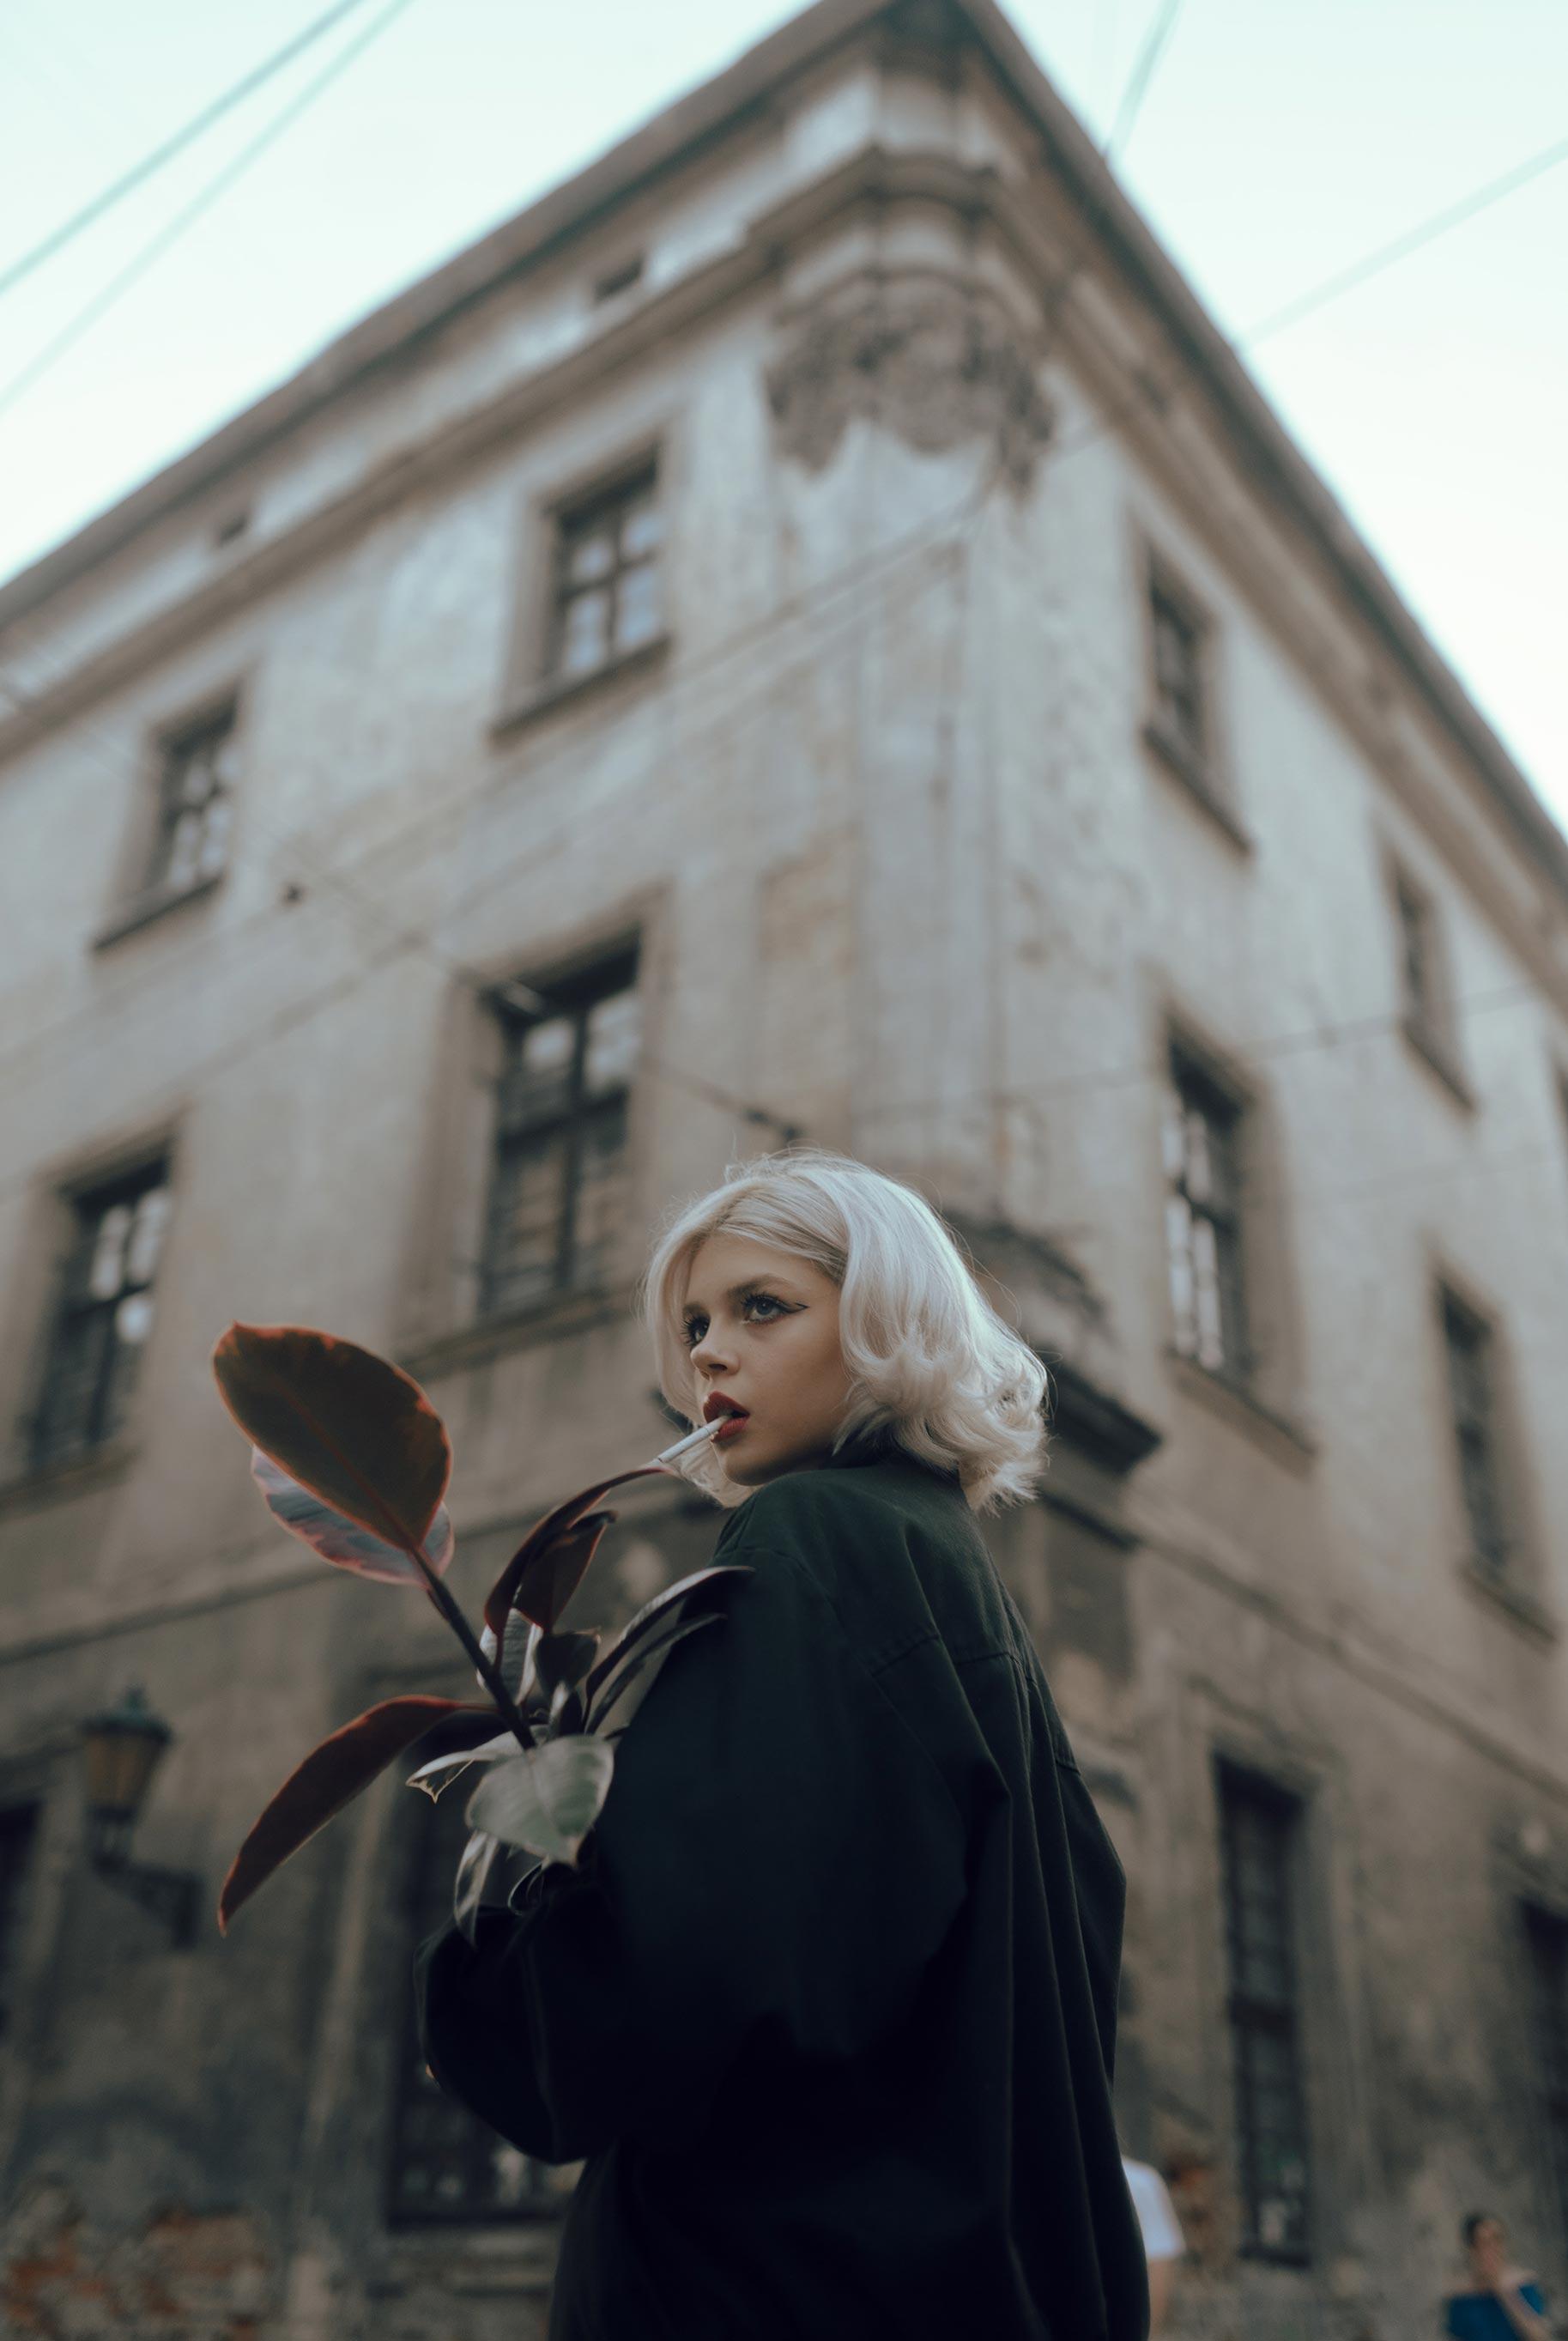 Матильда из фильма Леон на улицах Львова / фото 02